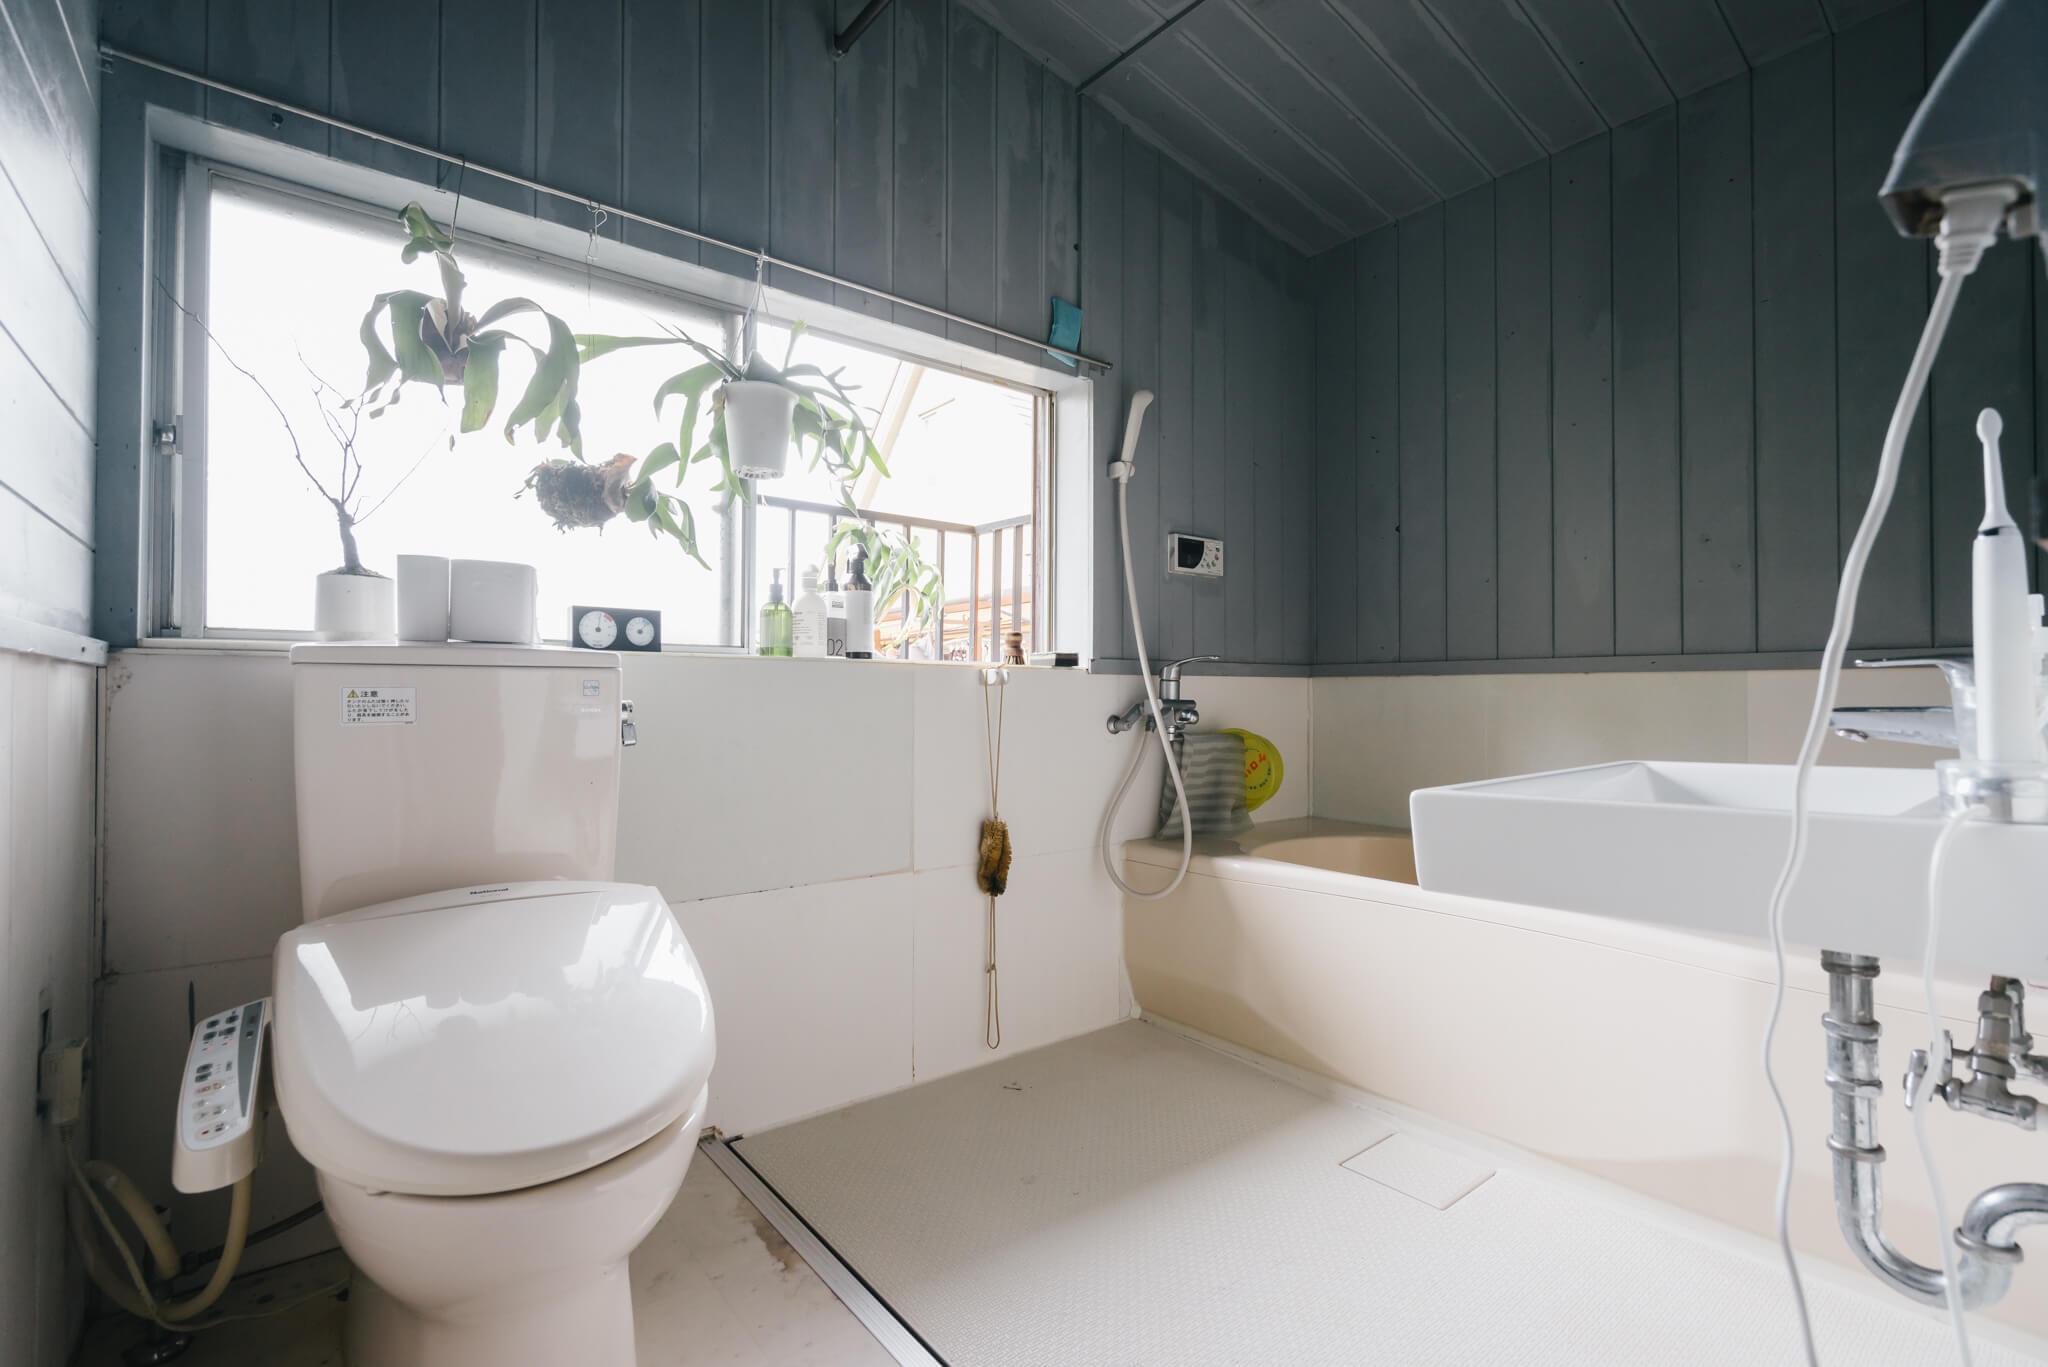 キッチンやお風呂まわりも、デザイン性が高く、暮らしやすそう。